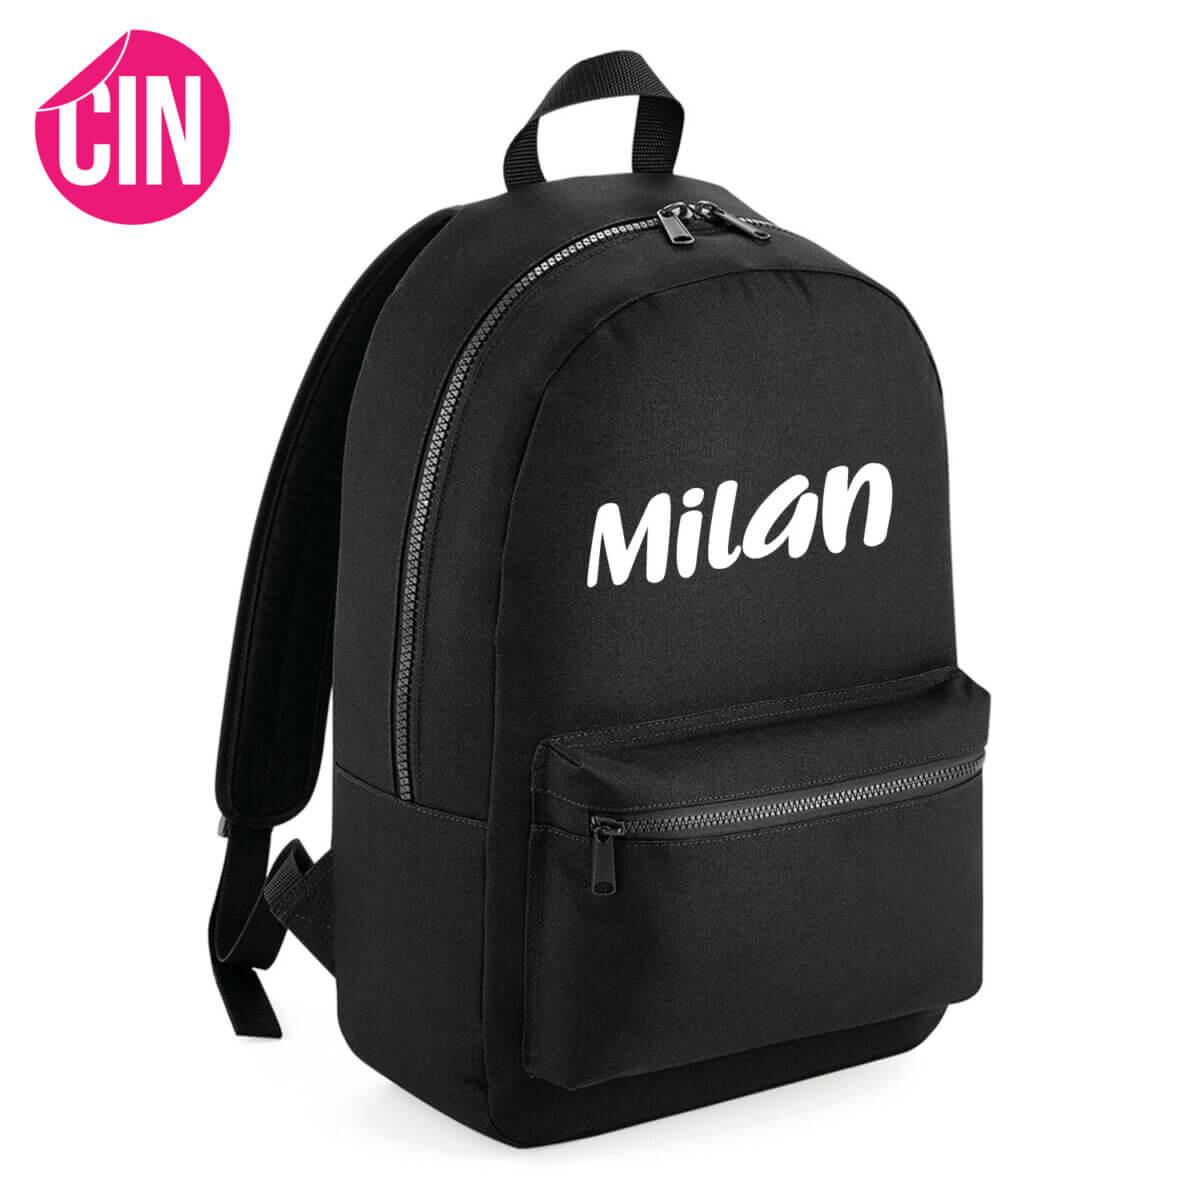 Robuust essential backpack rugzak met naam cindysigns